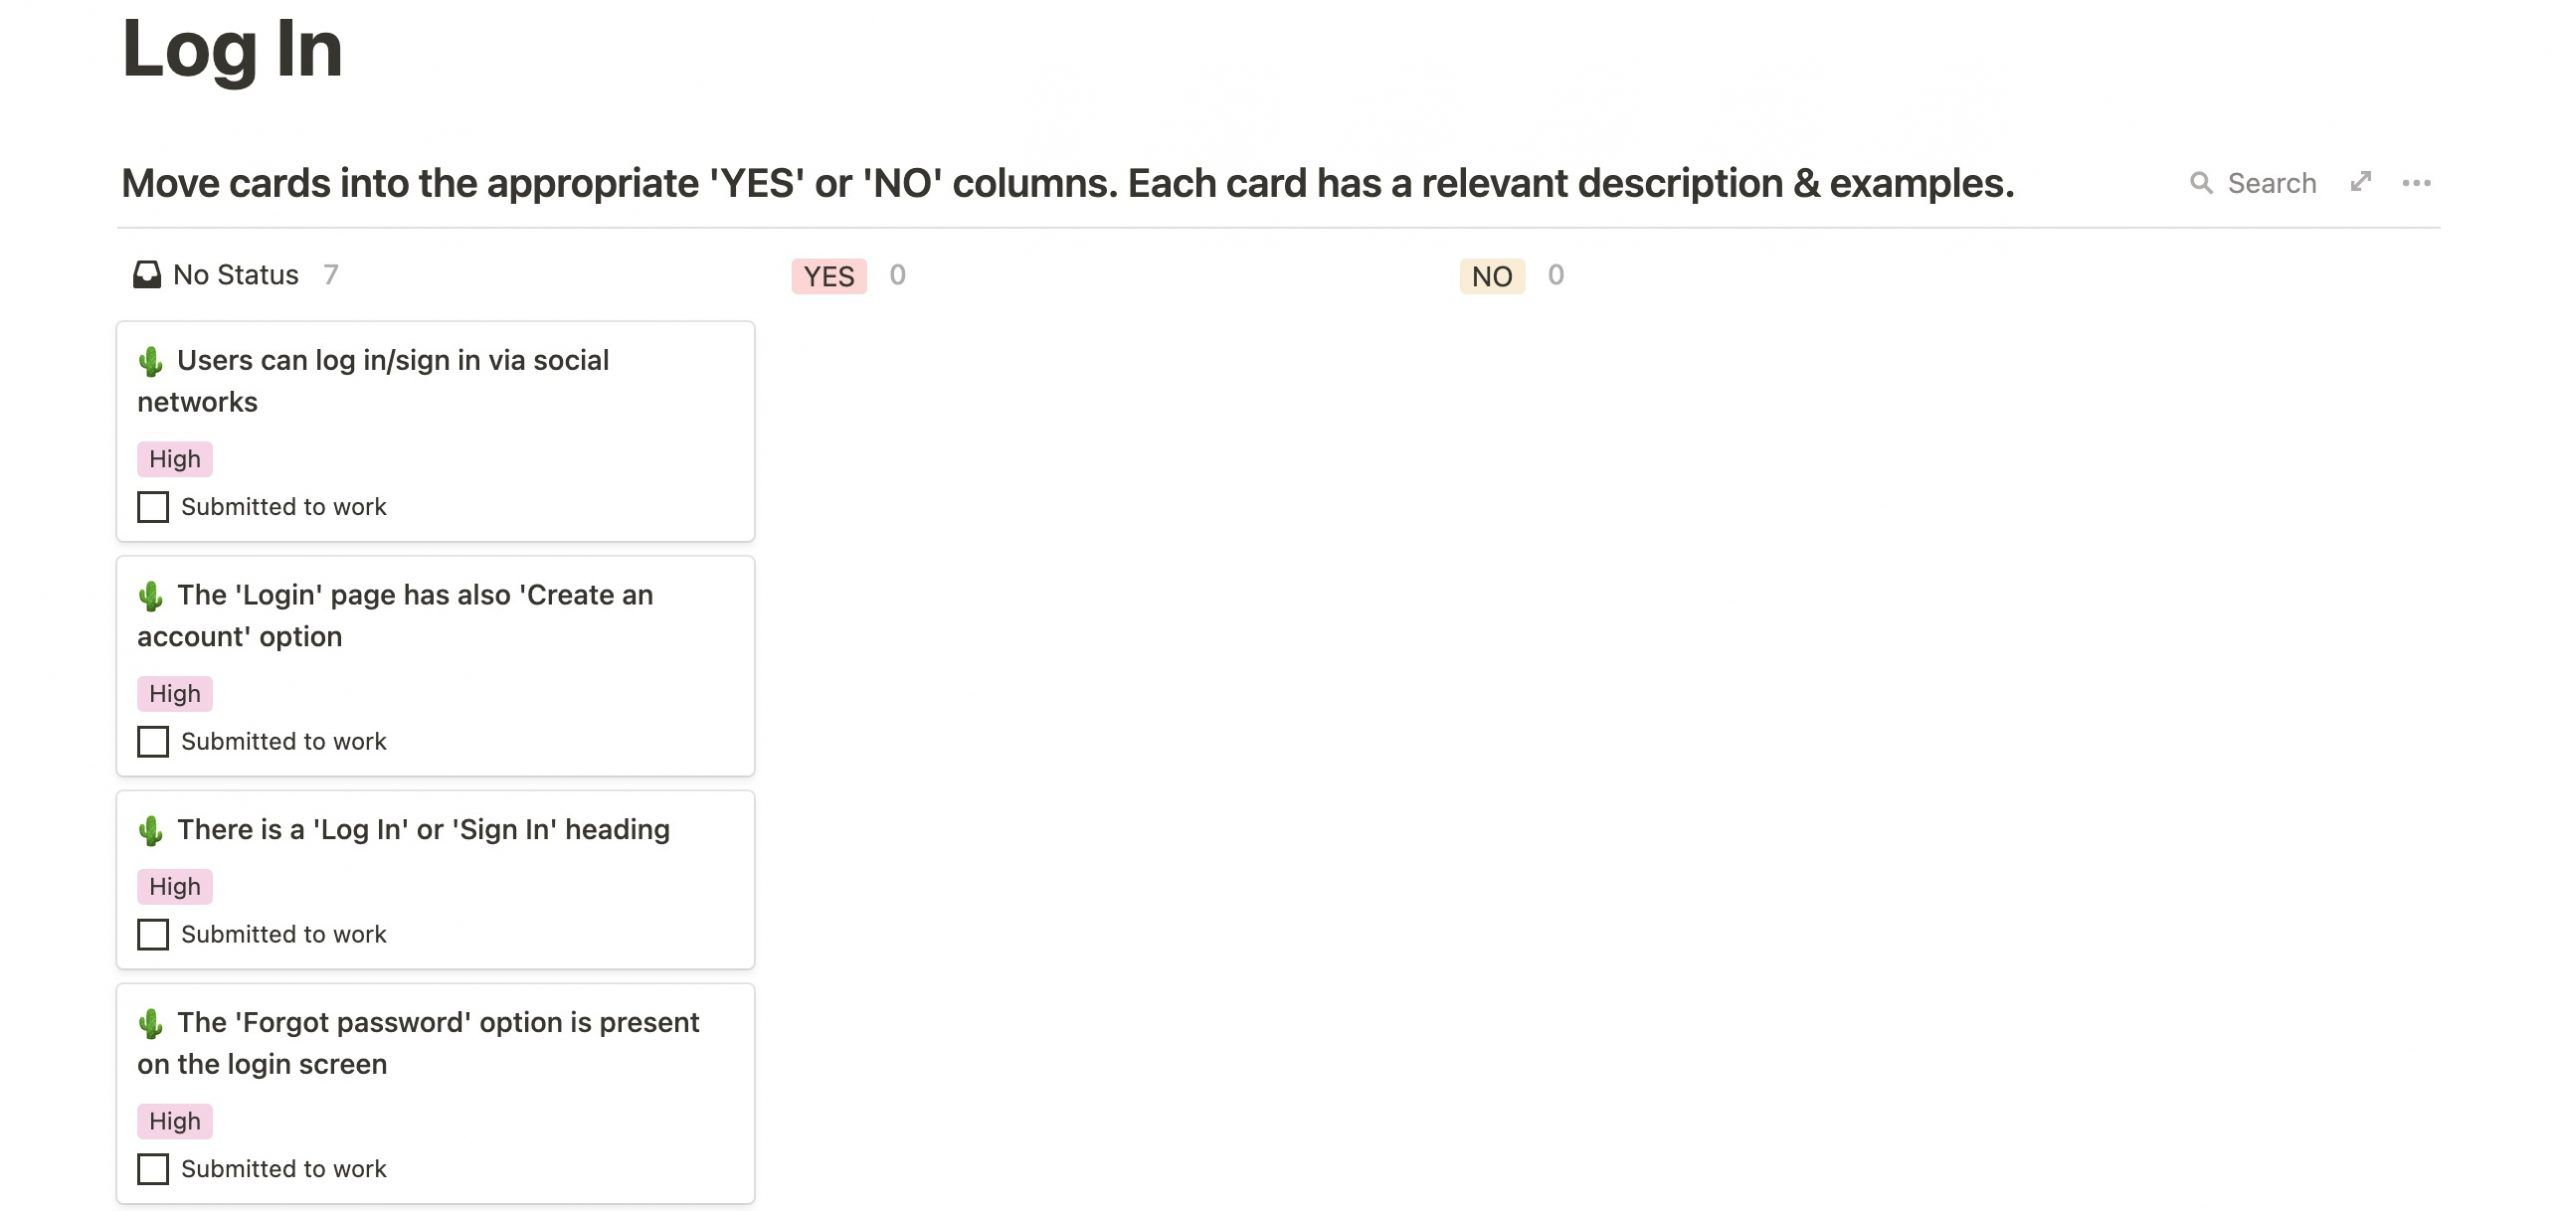 exemples de points à vérifier dans un audit UX